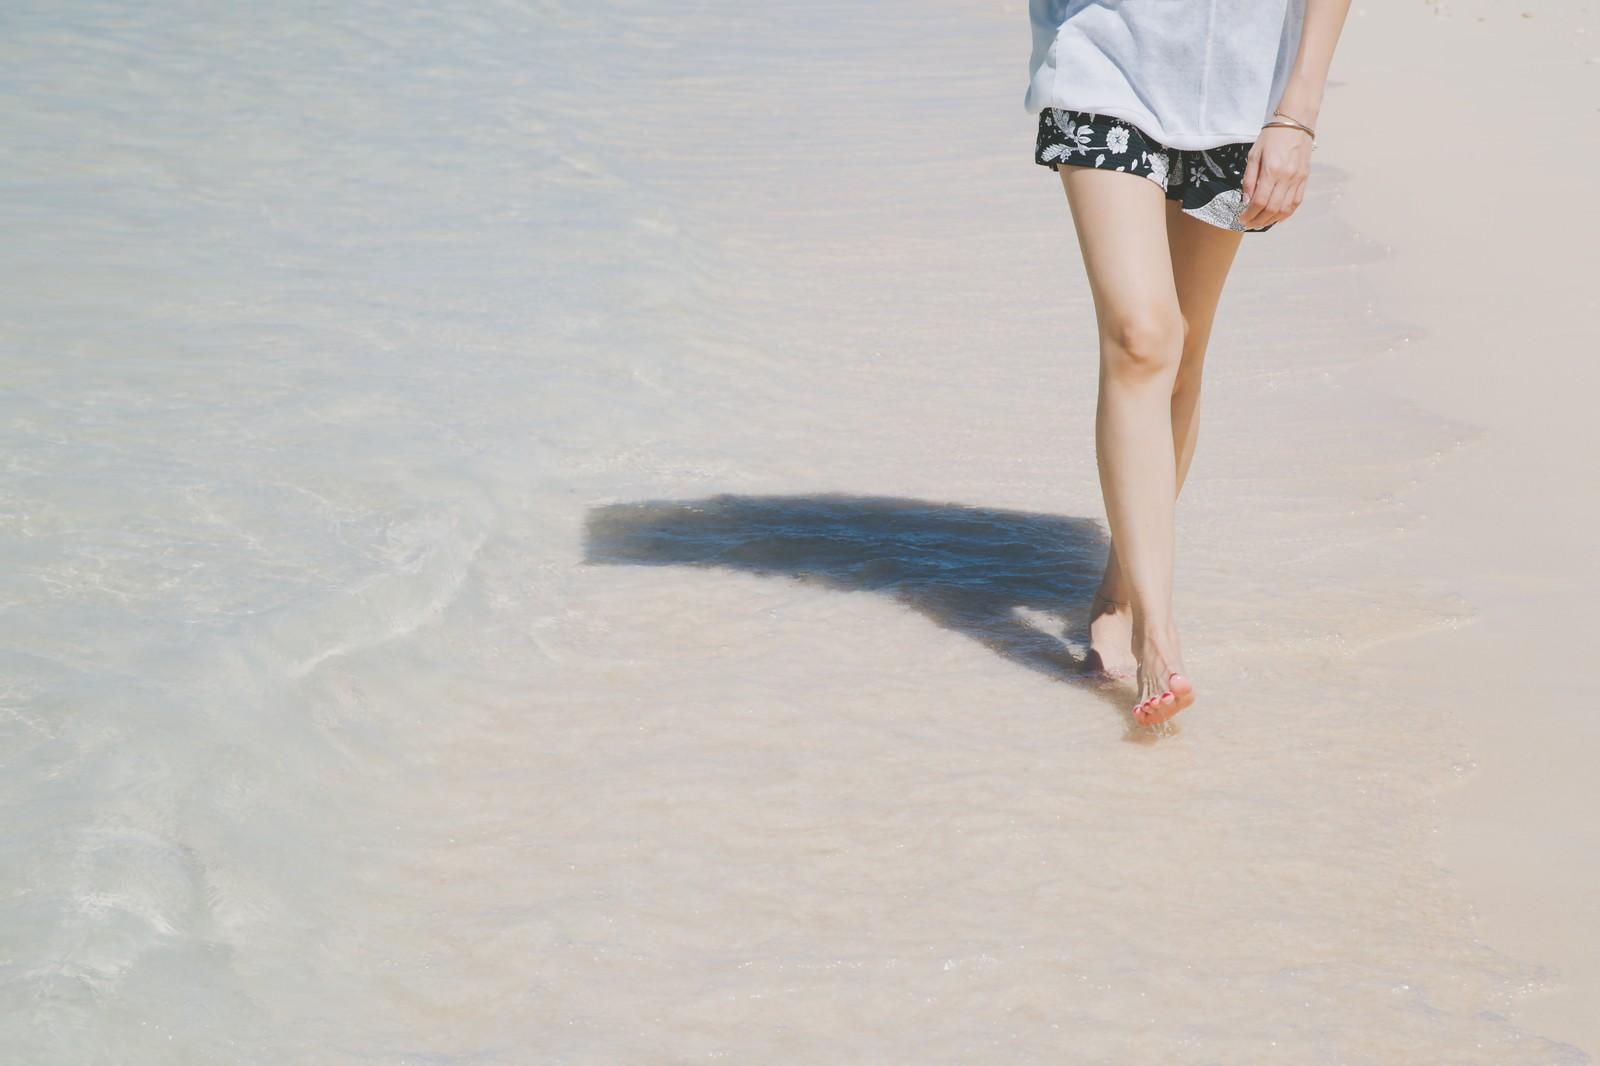 「日傘をさして砂浜を歩く女性の足元」の写真